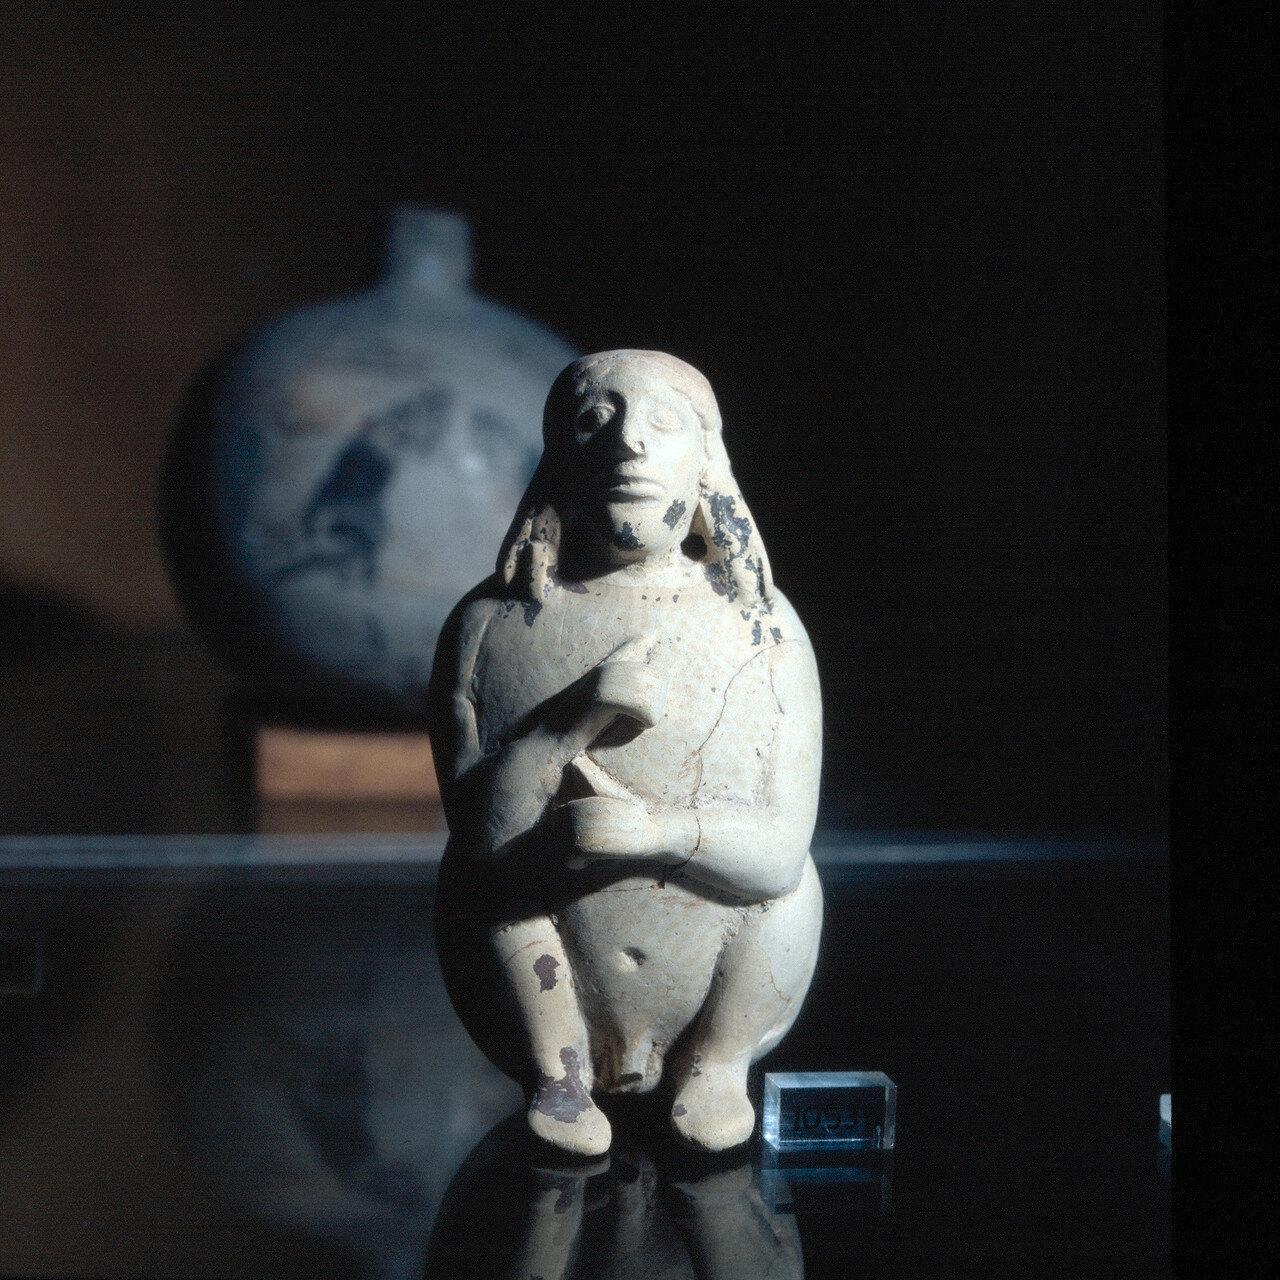 Самос. Археологический музей Вати. Малый бальзамарий в виде человеческой фигуры. VI в. до н.э.